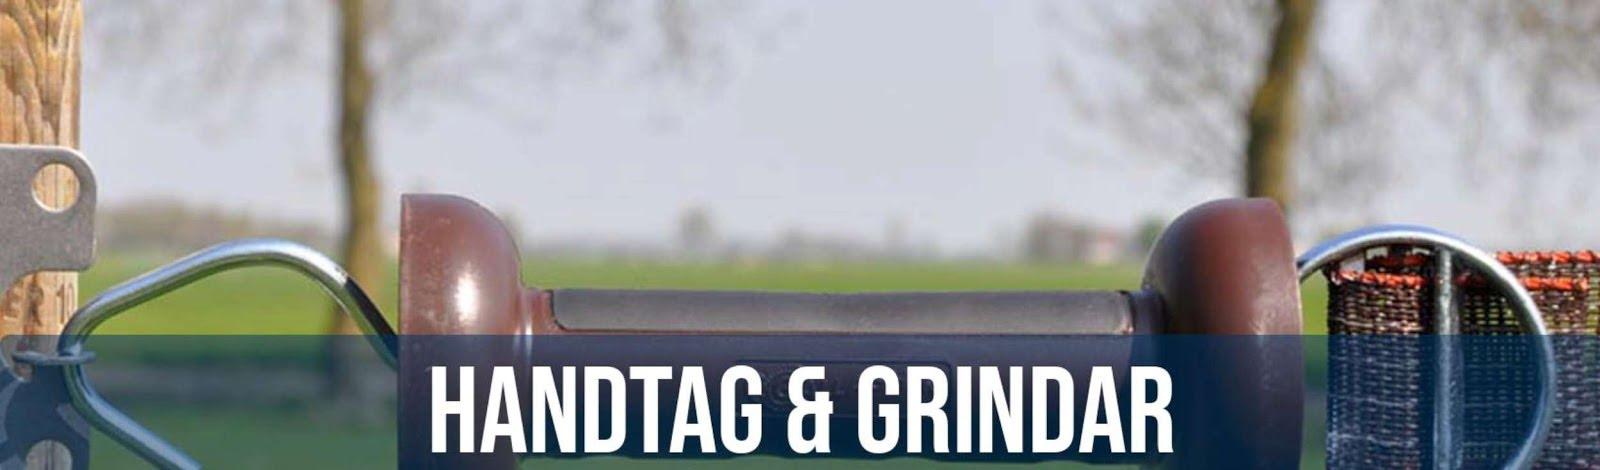 Handtag & Grindar